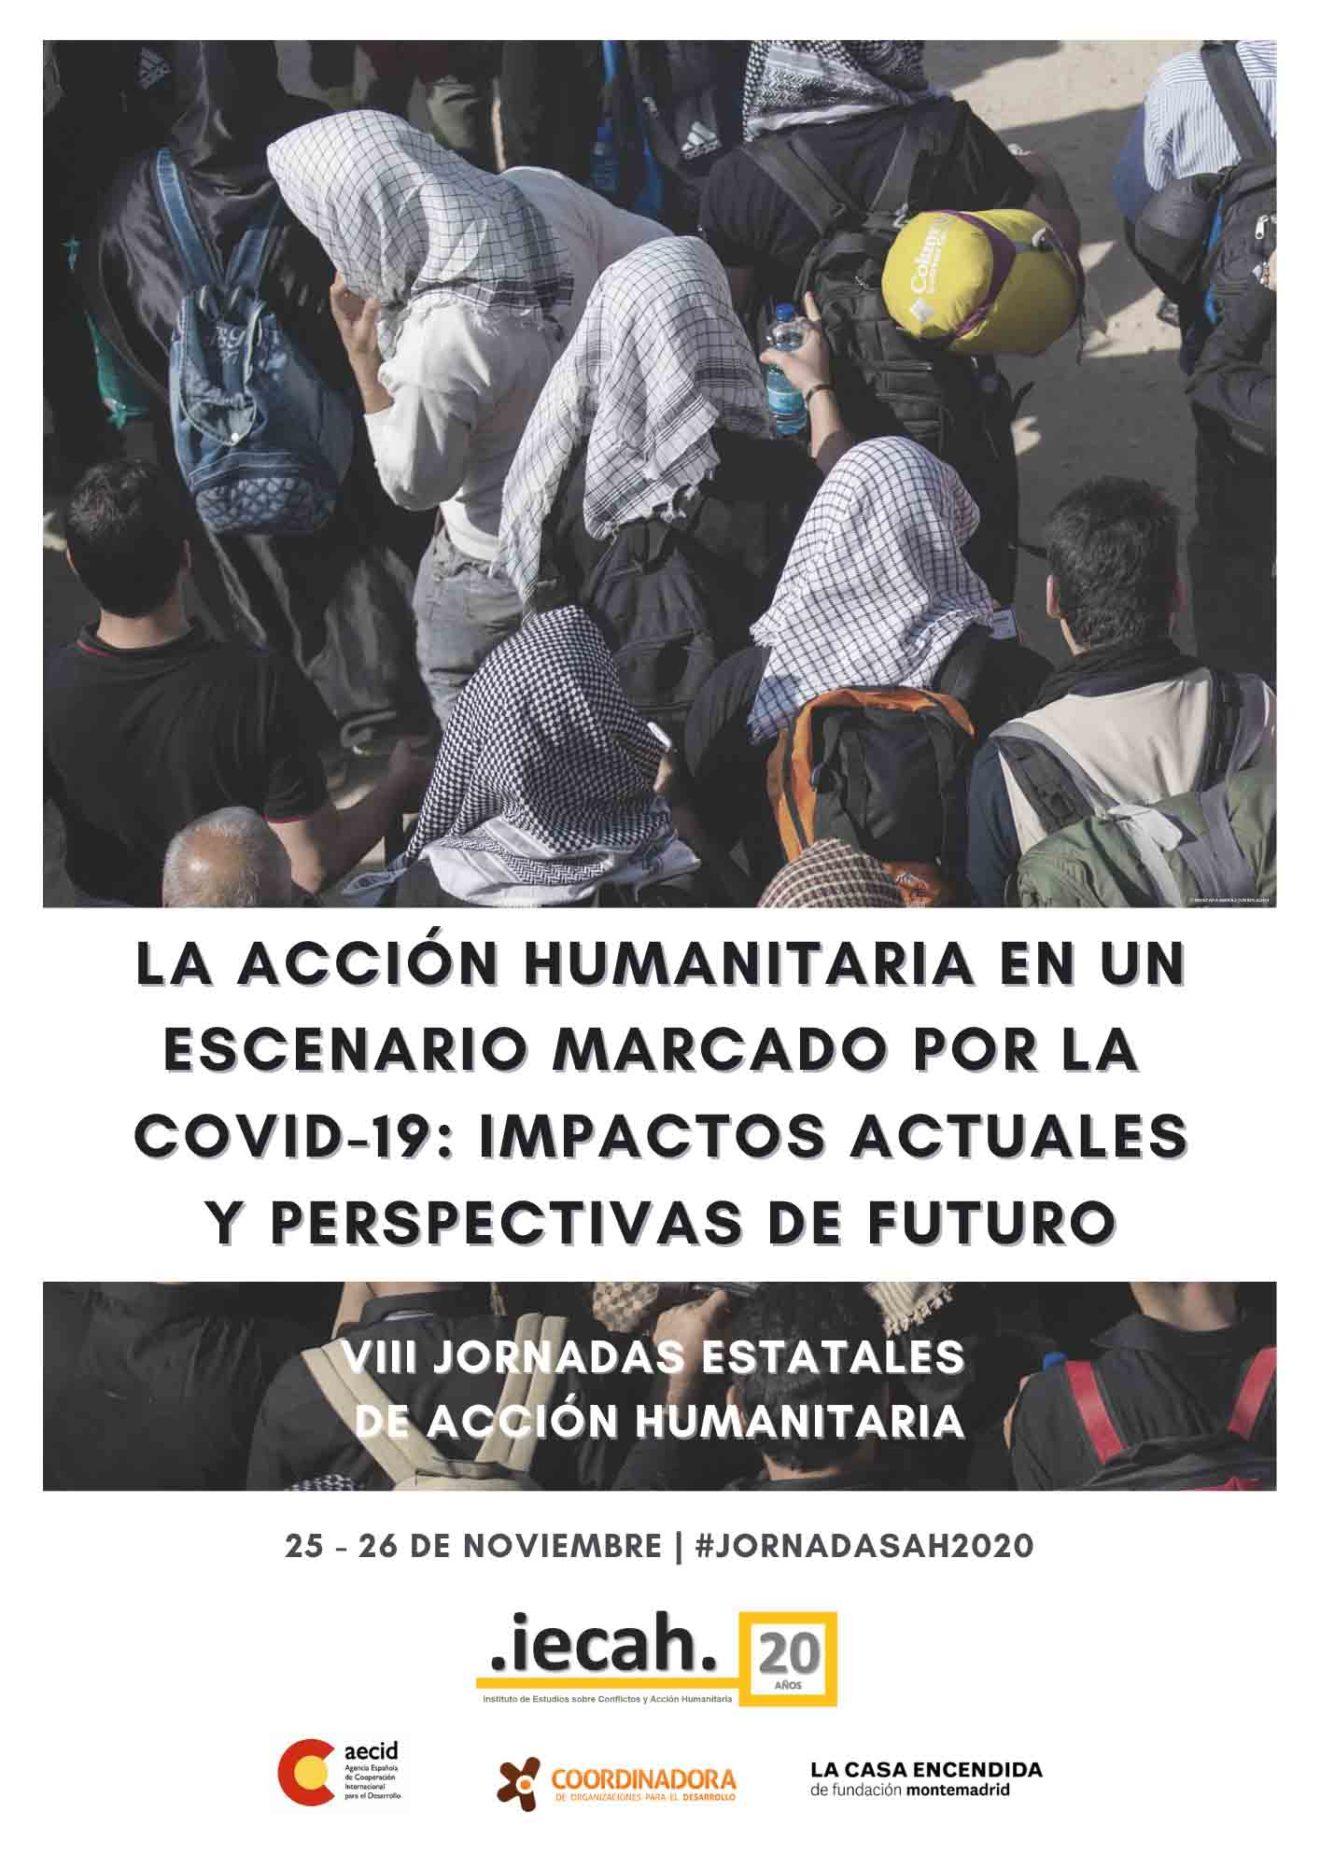 VIII Jornadas Estatales de Acción Humanitaria